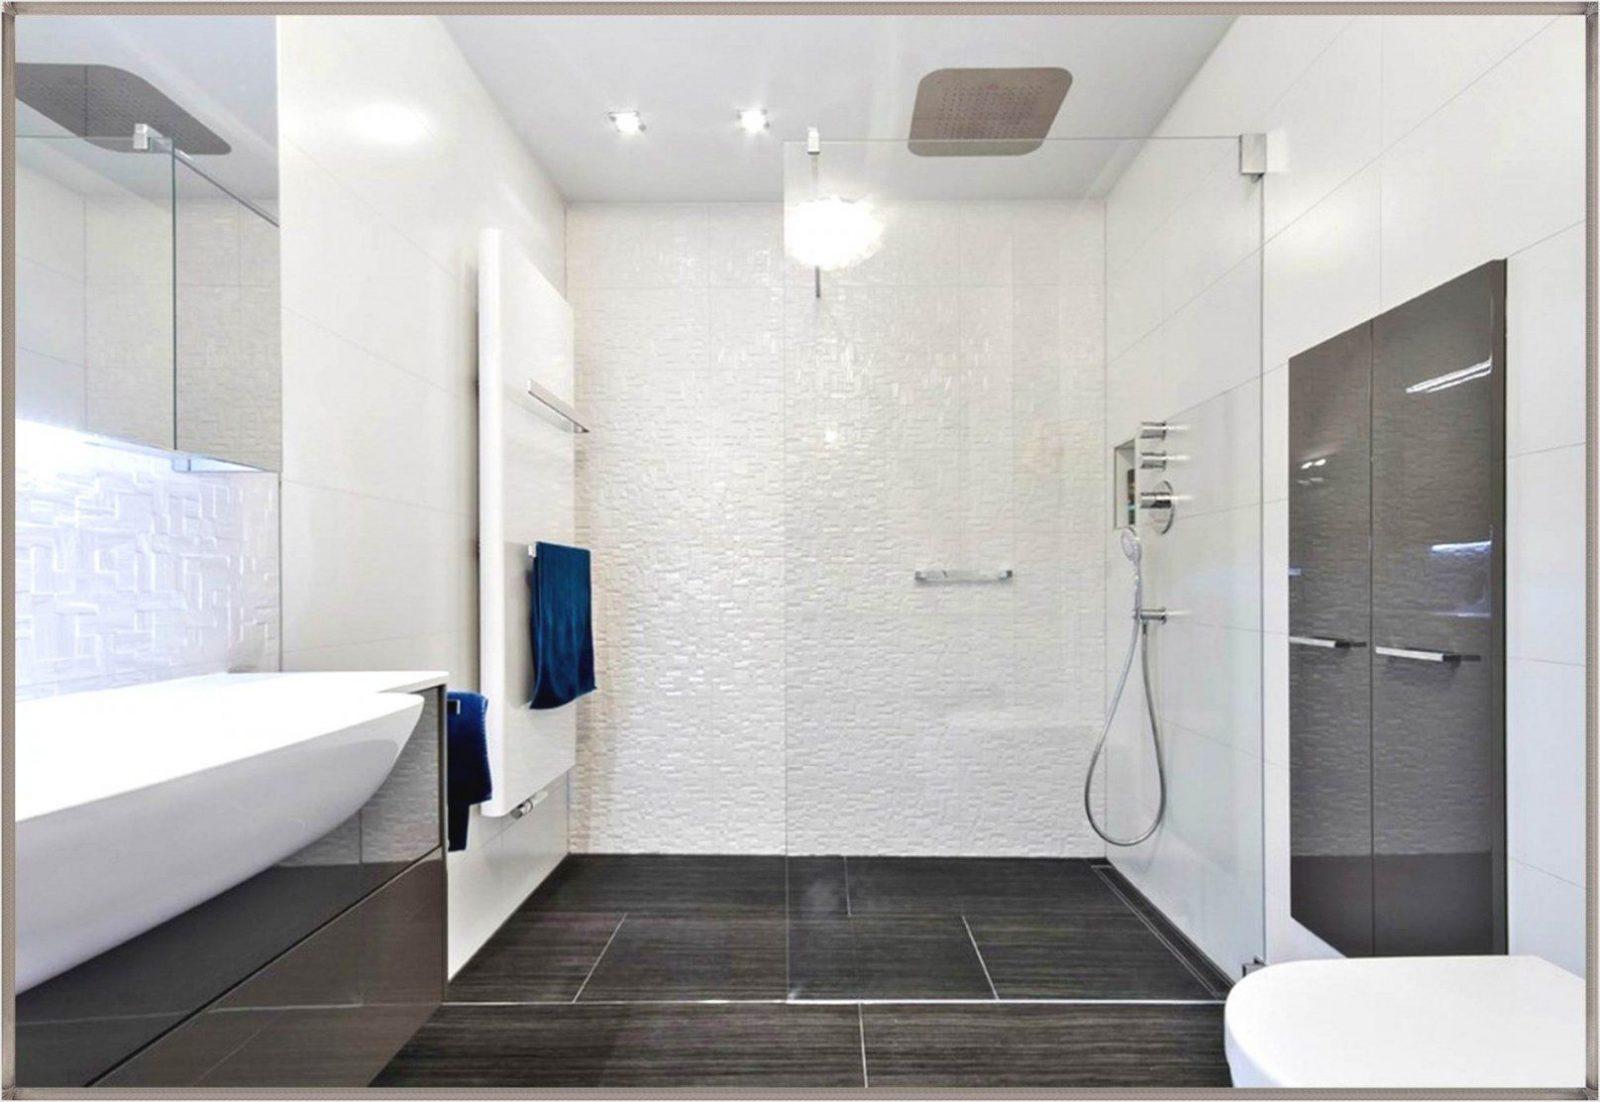 Schöne Badsanierung Kosten 7 Qm Elegantes Badsanierung Kosten von Badsanierung Kosten 7 Qm Photo